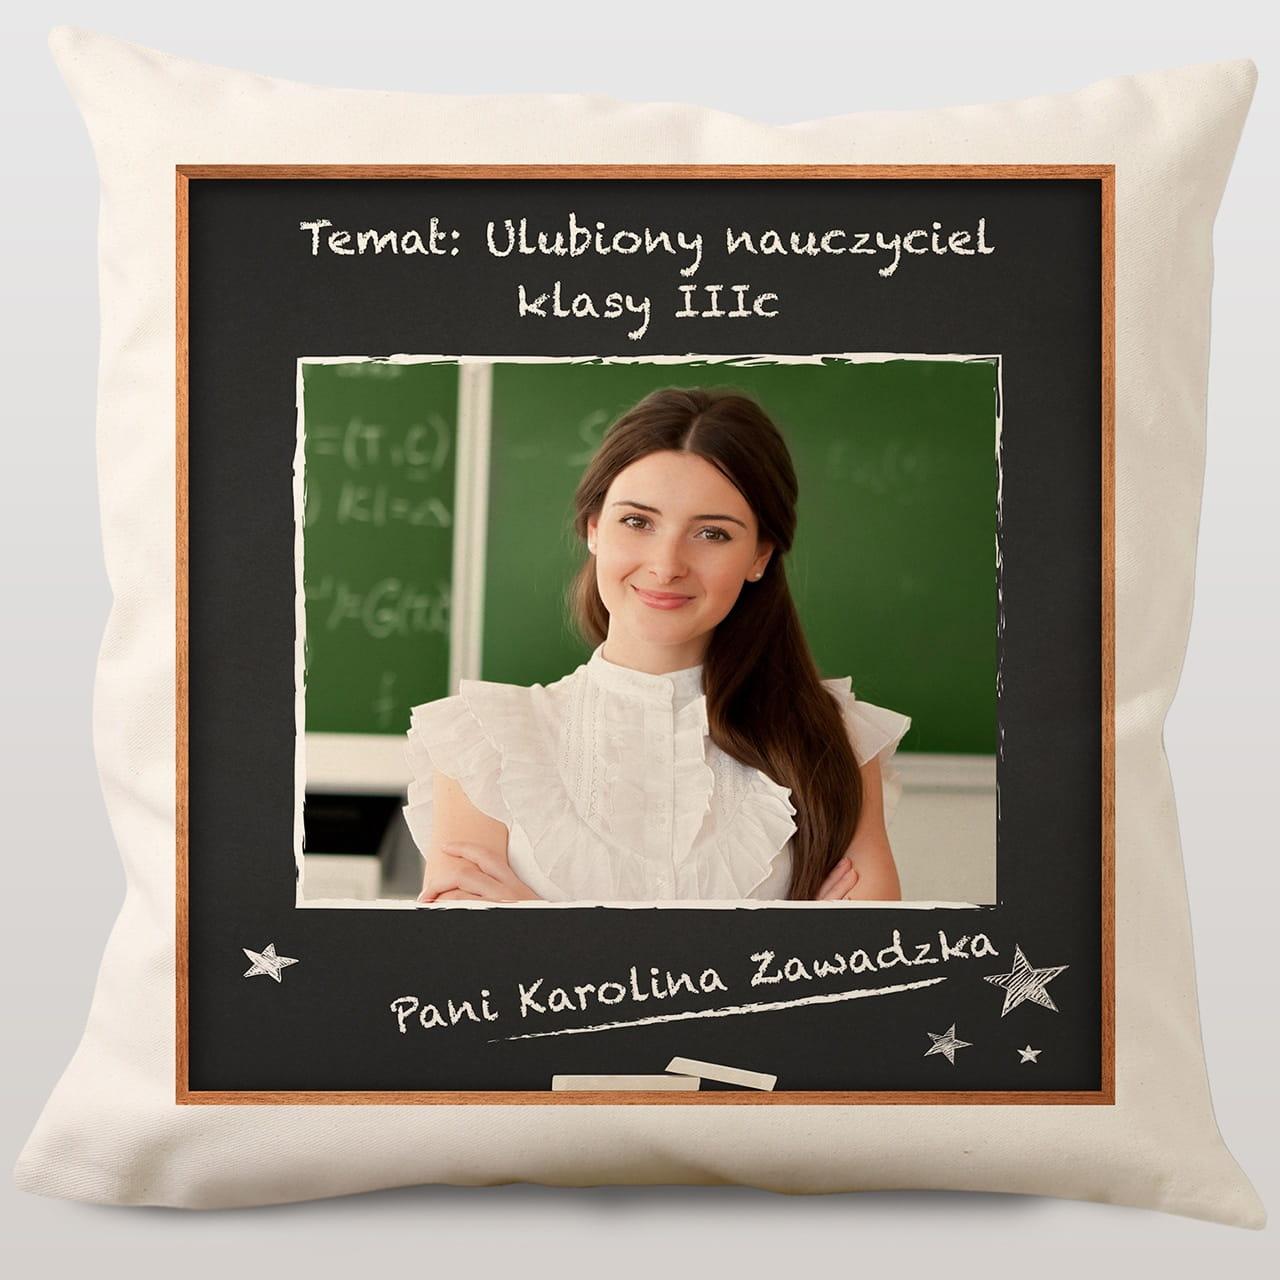 Poduszka Dla Nauczycielki Ulubiona Nauczycielka